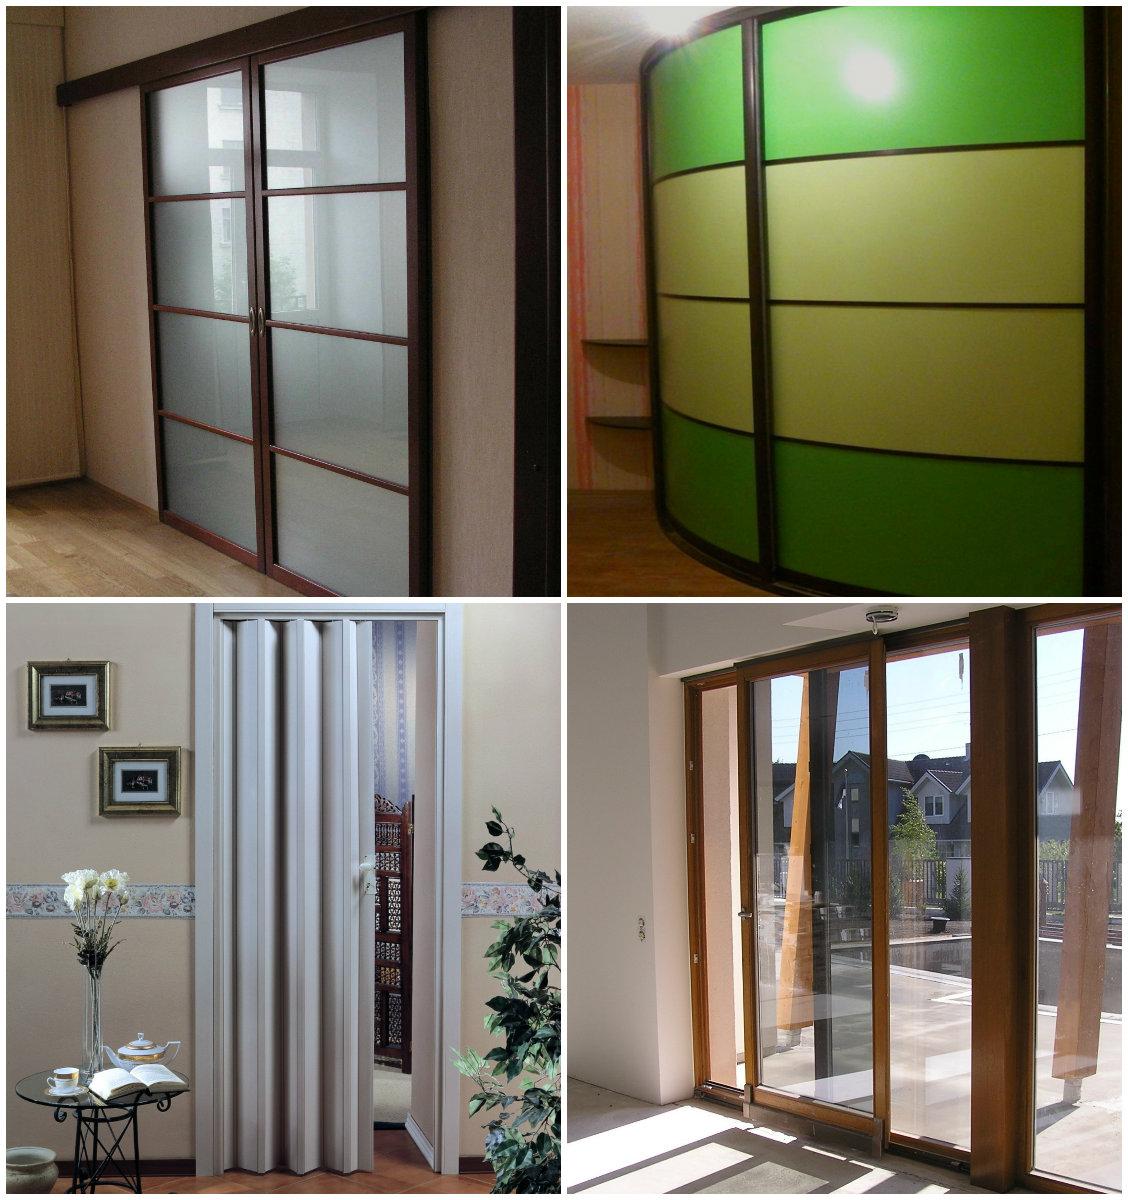 Раздвижные межкомнатные двери +75 фото: варианты в стену, вдоль